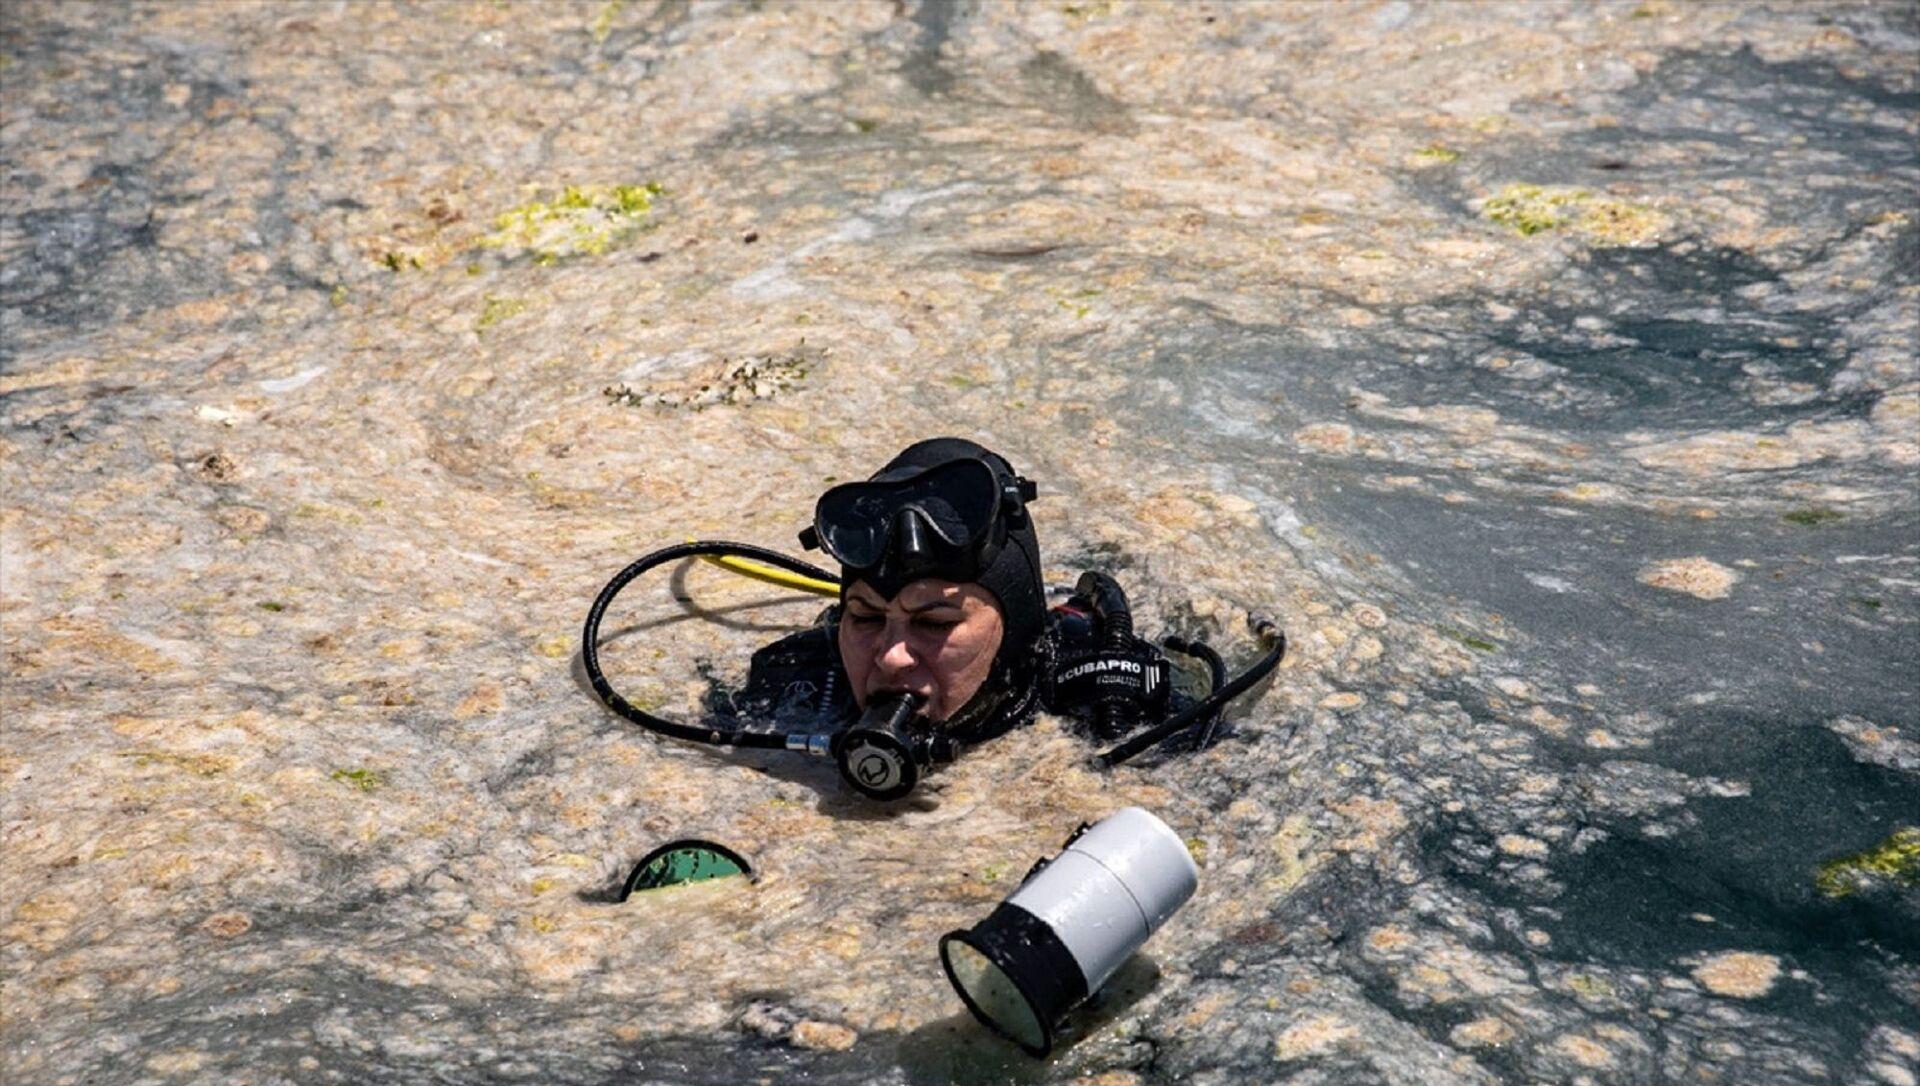 Büyükada'daki bir grup dalgıç, deniz altındaki müsilajı görüntülemek için dalış yaptı. Yaklaşık 30 metre derinlikte gerçekleşen dalış sırasında müsilajın geniş bir alanda ve deniz suyunun tamamına yoğun bir şekilde dağıldığı gözlendi. - Sputnik Türkiye, 1920, 17.06.2021